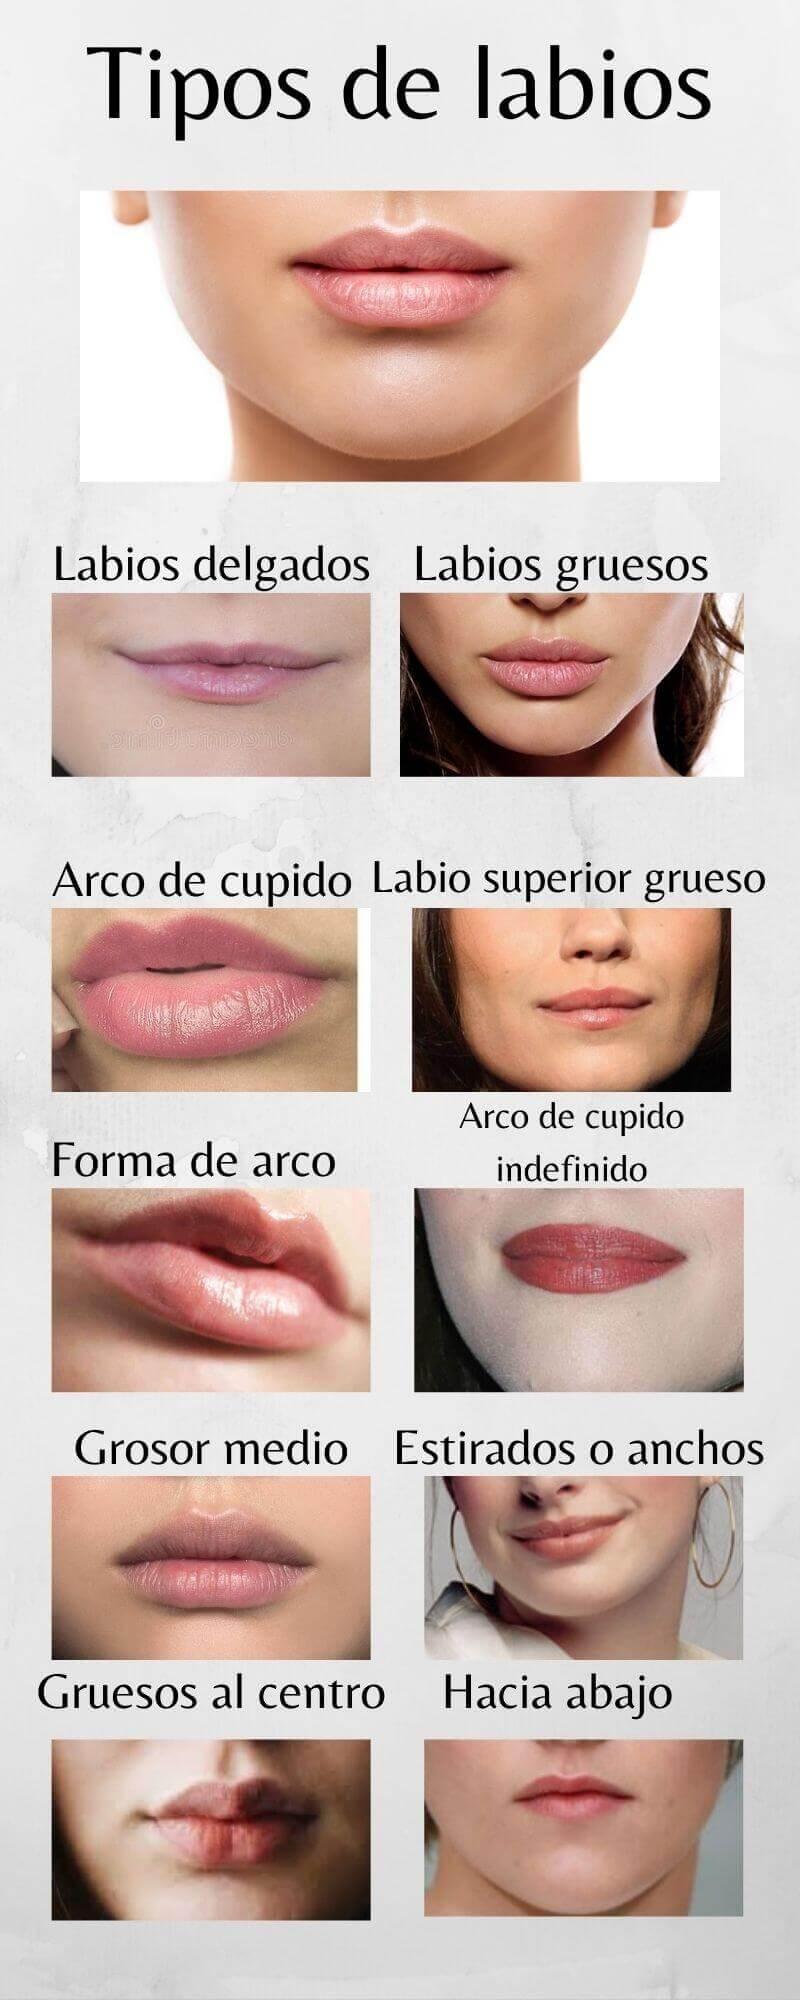 Infografía explicativa de las todas las formas de labios